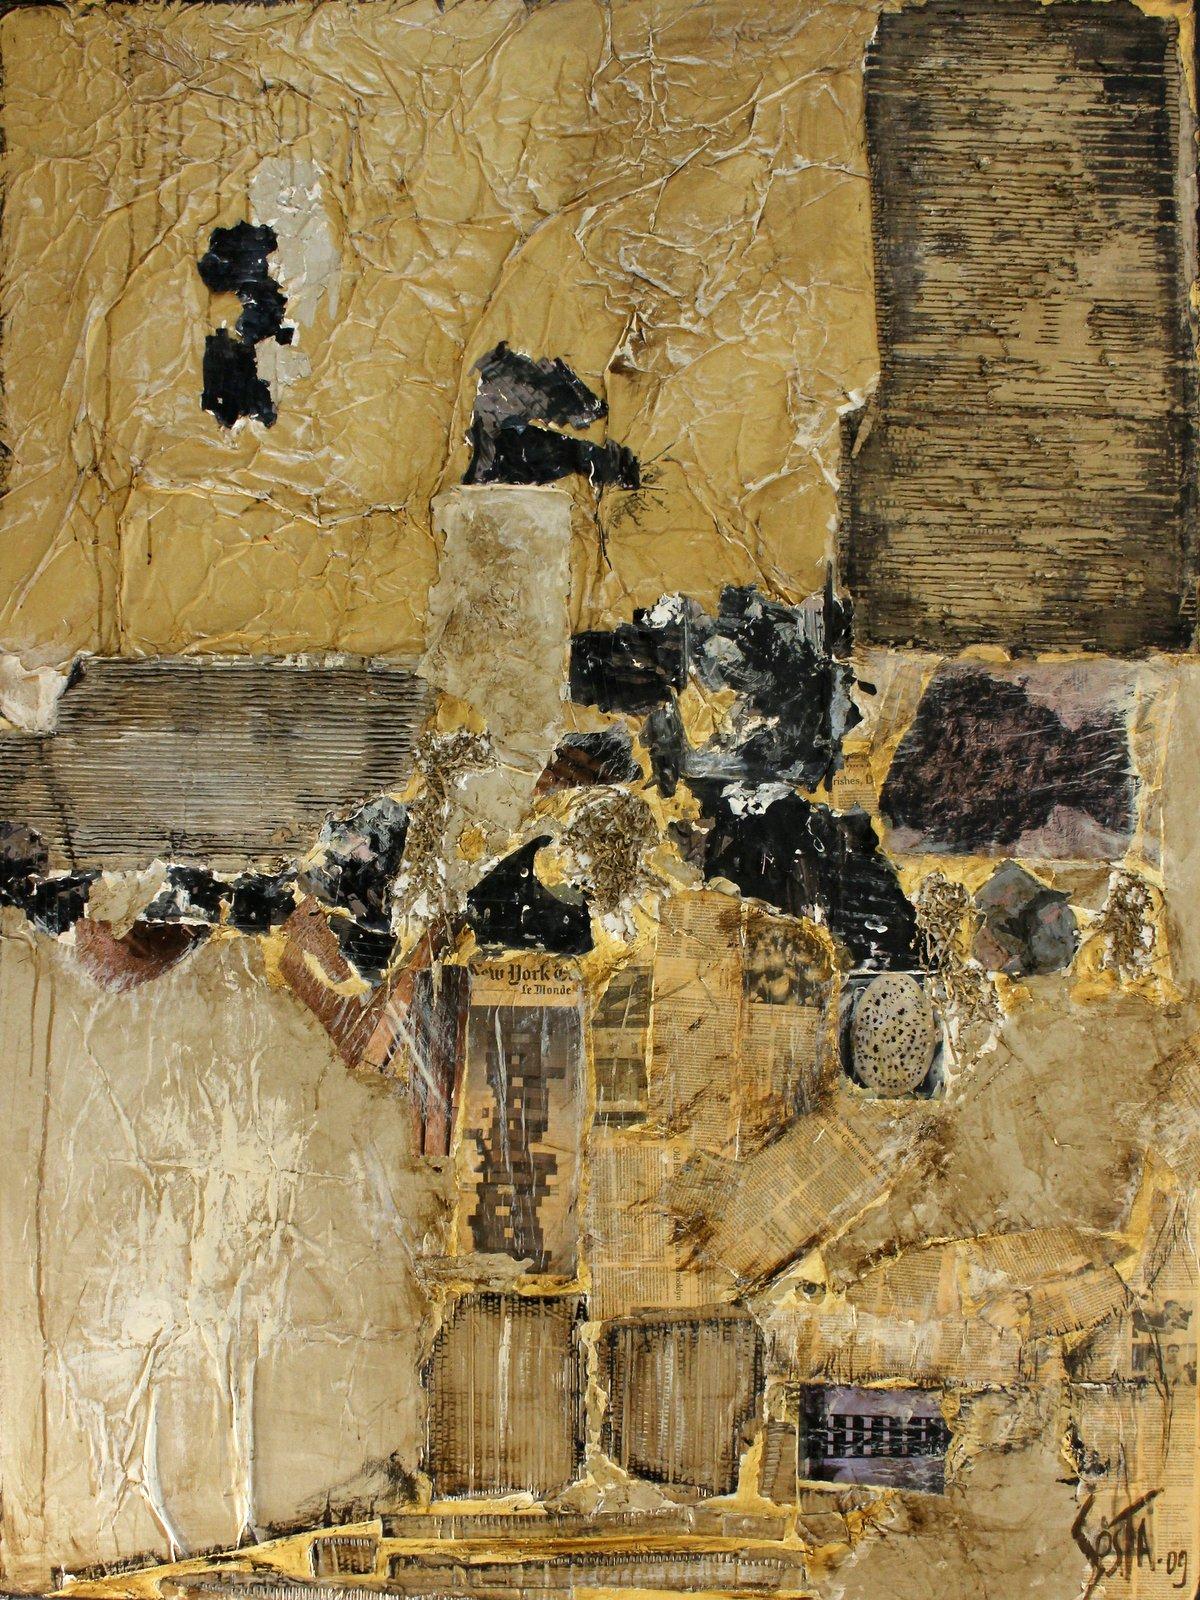 BRUT, Tableau abstrait contemporain, ocre collage Tableau Contemporain, BRUT. Sophie Costa, artiste peintre.